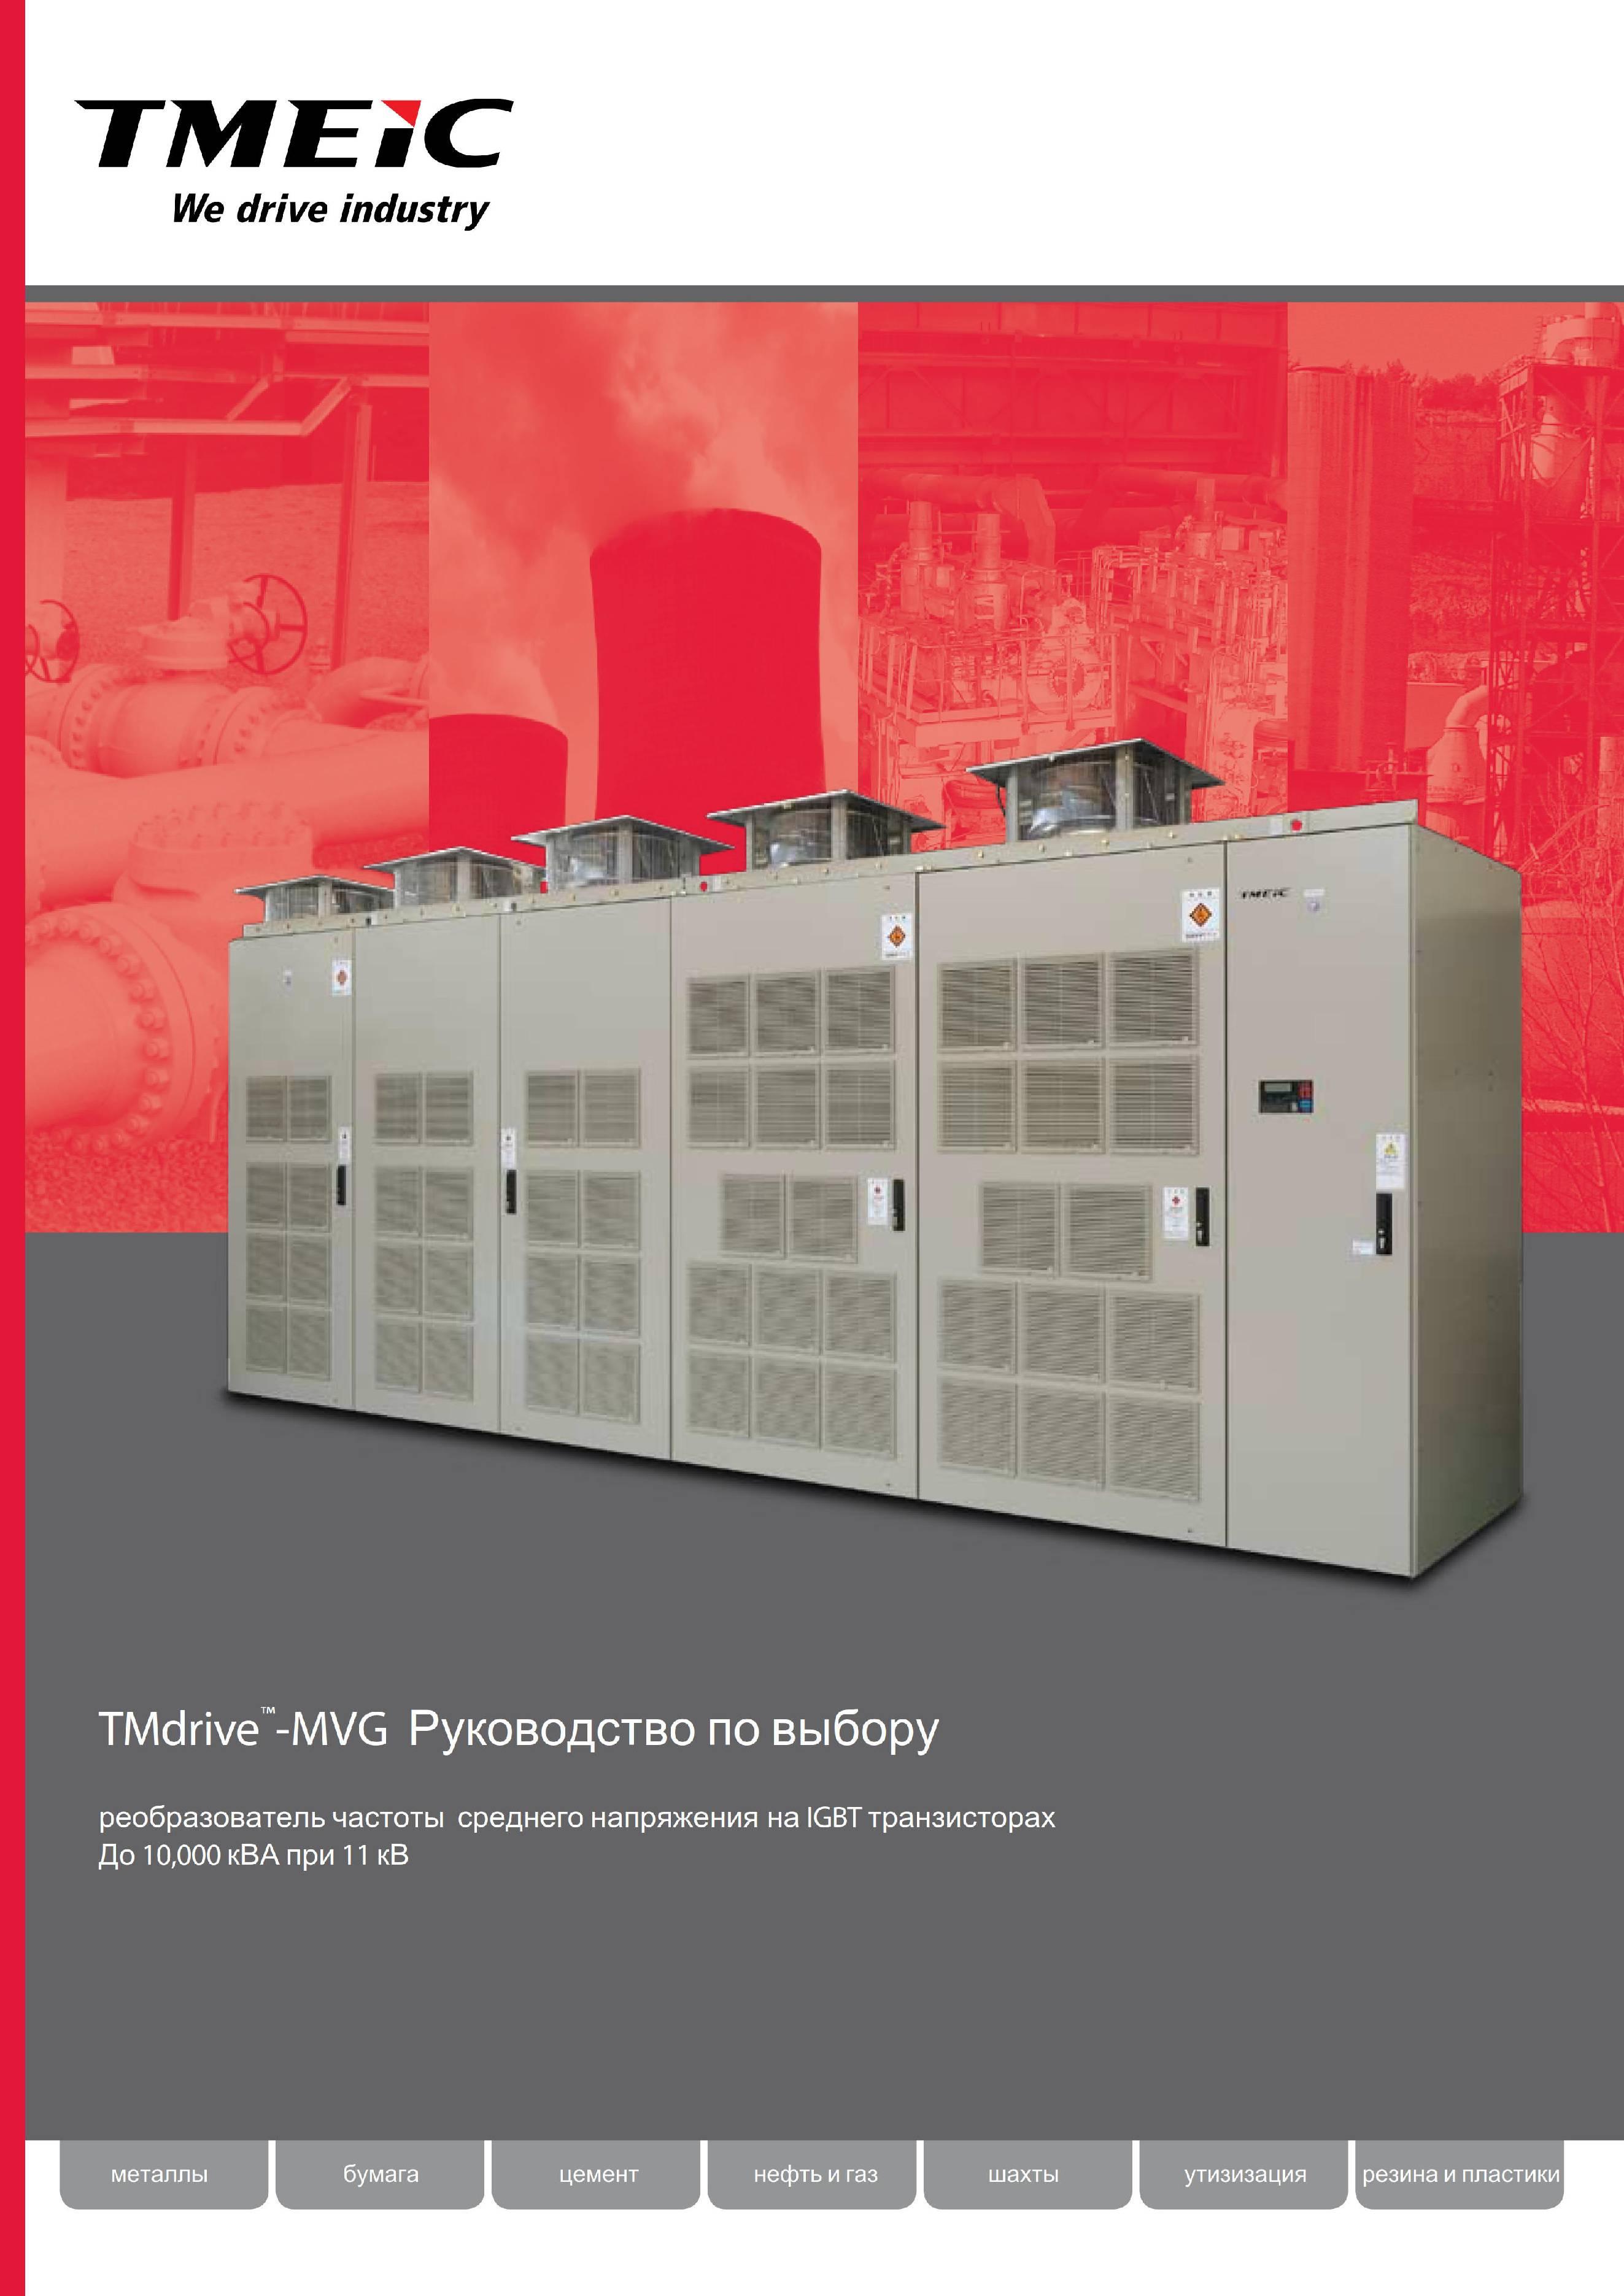 Транзисторный преобразователь частоты среднего напряжения TMdrive-MVG у официального партнера TMEIC